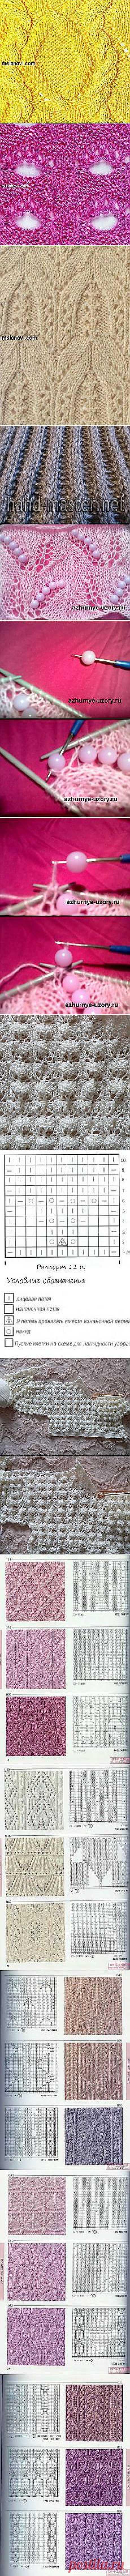 Nadezda Vasiljeva: KNITTING by SPOKES (patterns).   Постила.ru